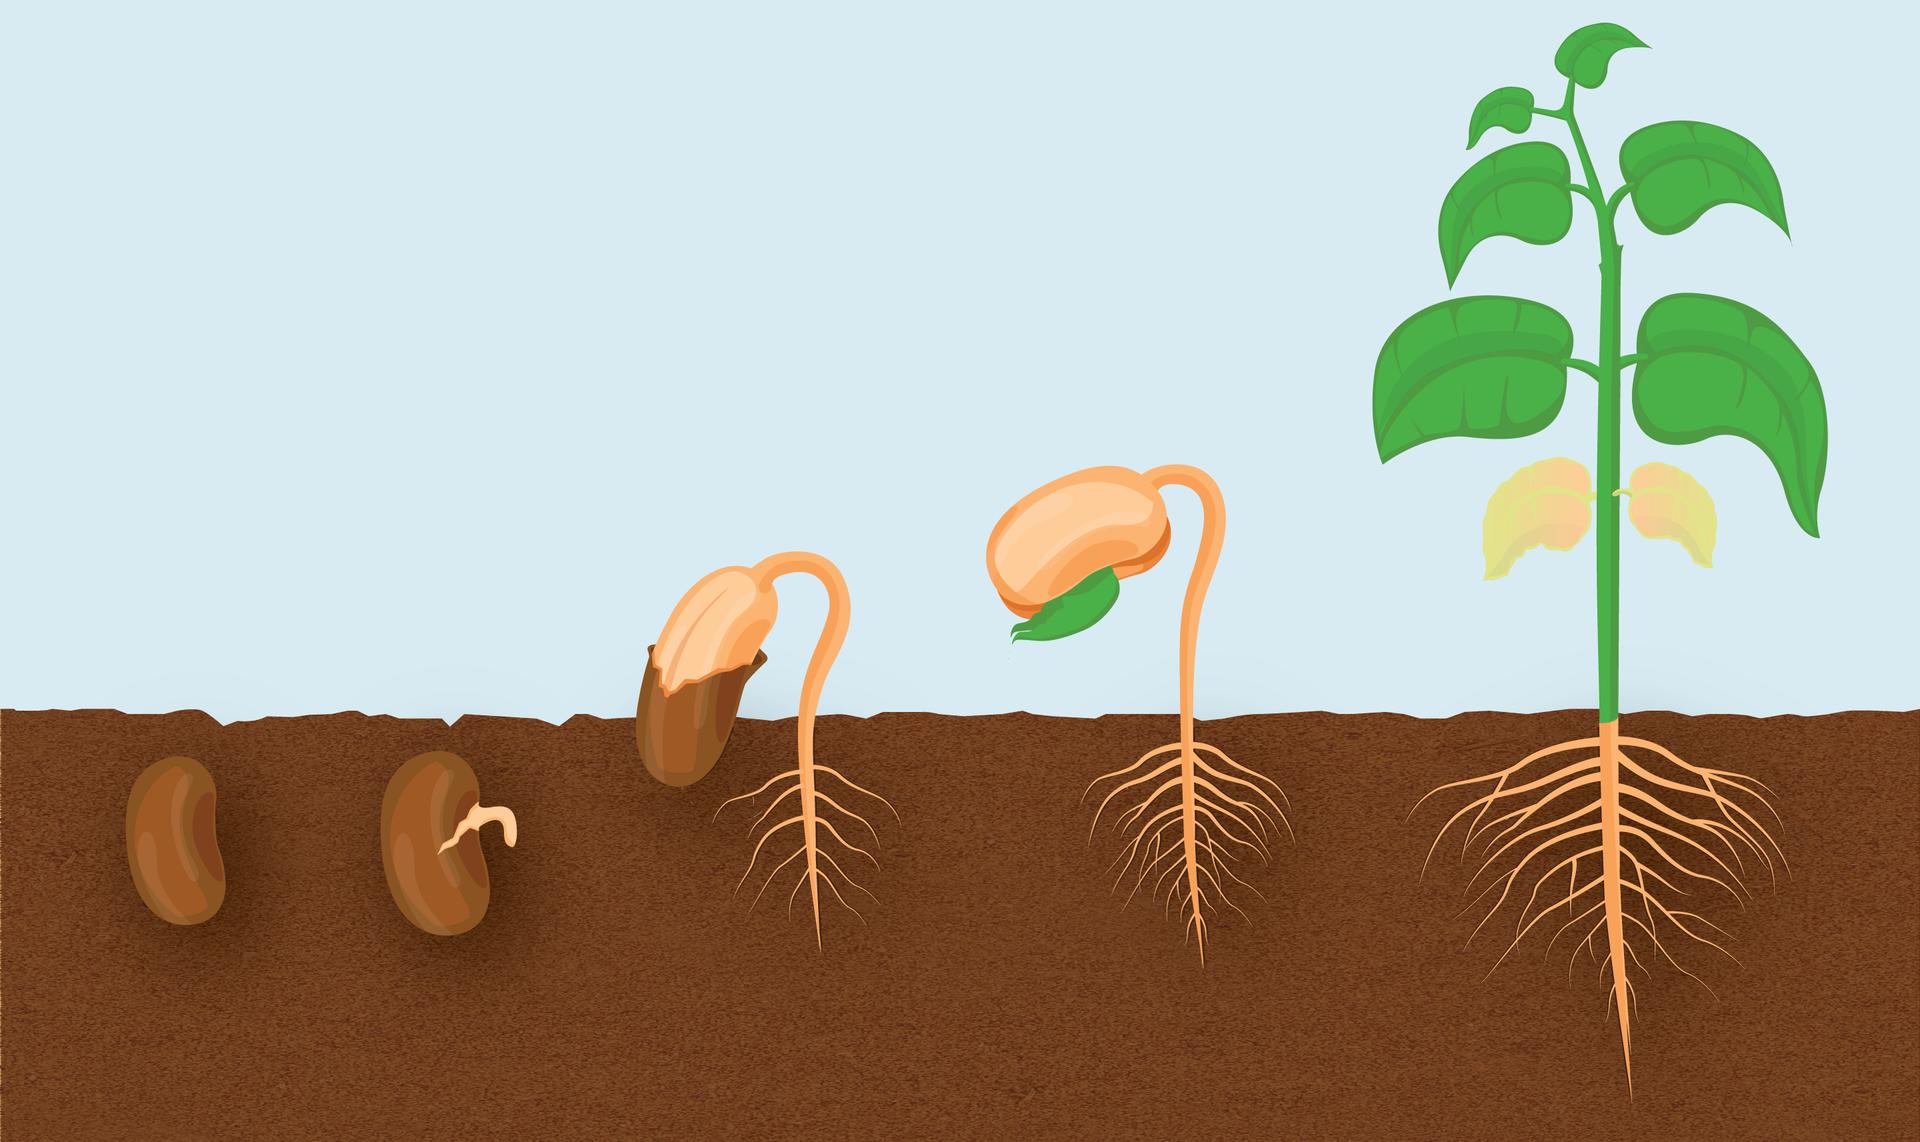 Ilustracja przedstawia schematycznie pięć etapów kiełkowania nasion na tle podzielonym poziomo na część niebieską- atmosferę ibrązową - glebę. Po lewej ciemno brązowe nasiono fasoli znajduje się wglebie. Dalej wlewo wyrasta zniego różowy korzonek, ado góry wznoszą sie liścienie. Między liścieniami pojawia się zielony liść. Ostatni rysunek prezentuje pęd zliśćmi iresztkami liścieni, awglebie duży korzeń palowy.